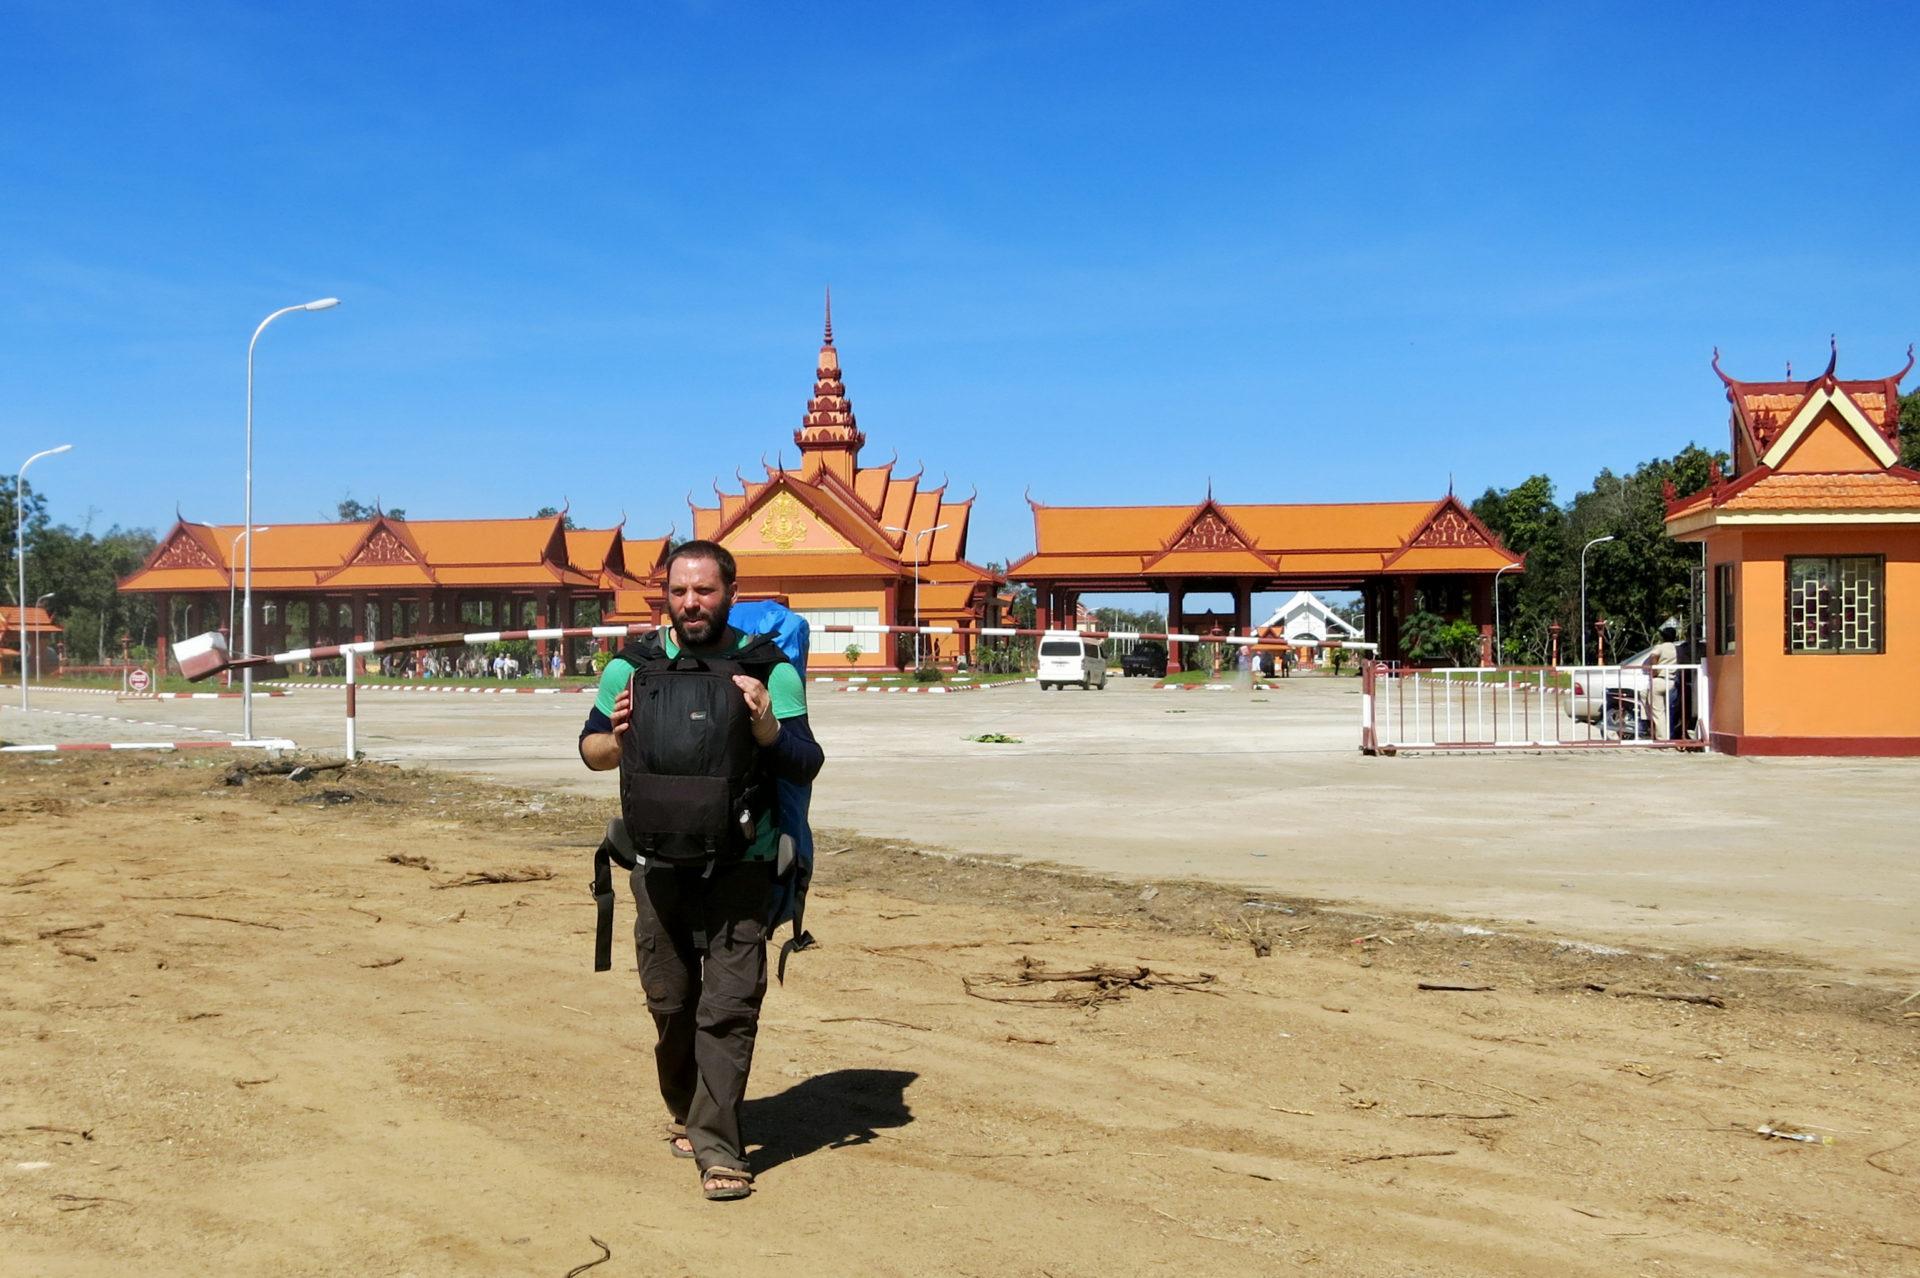 Zwischen Korruption und Sicherheit – eine Grenzüberquerung von Laos nach Kambodscha